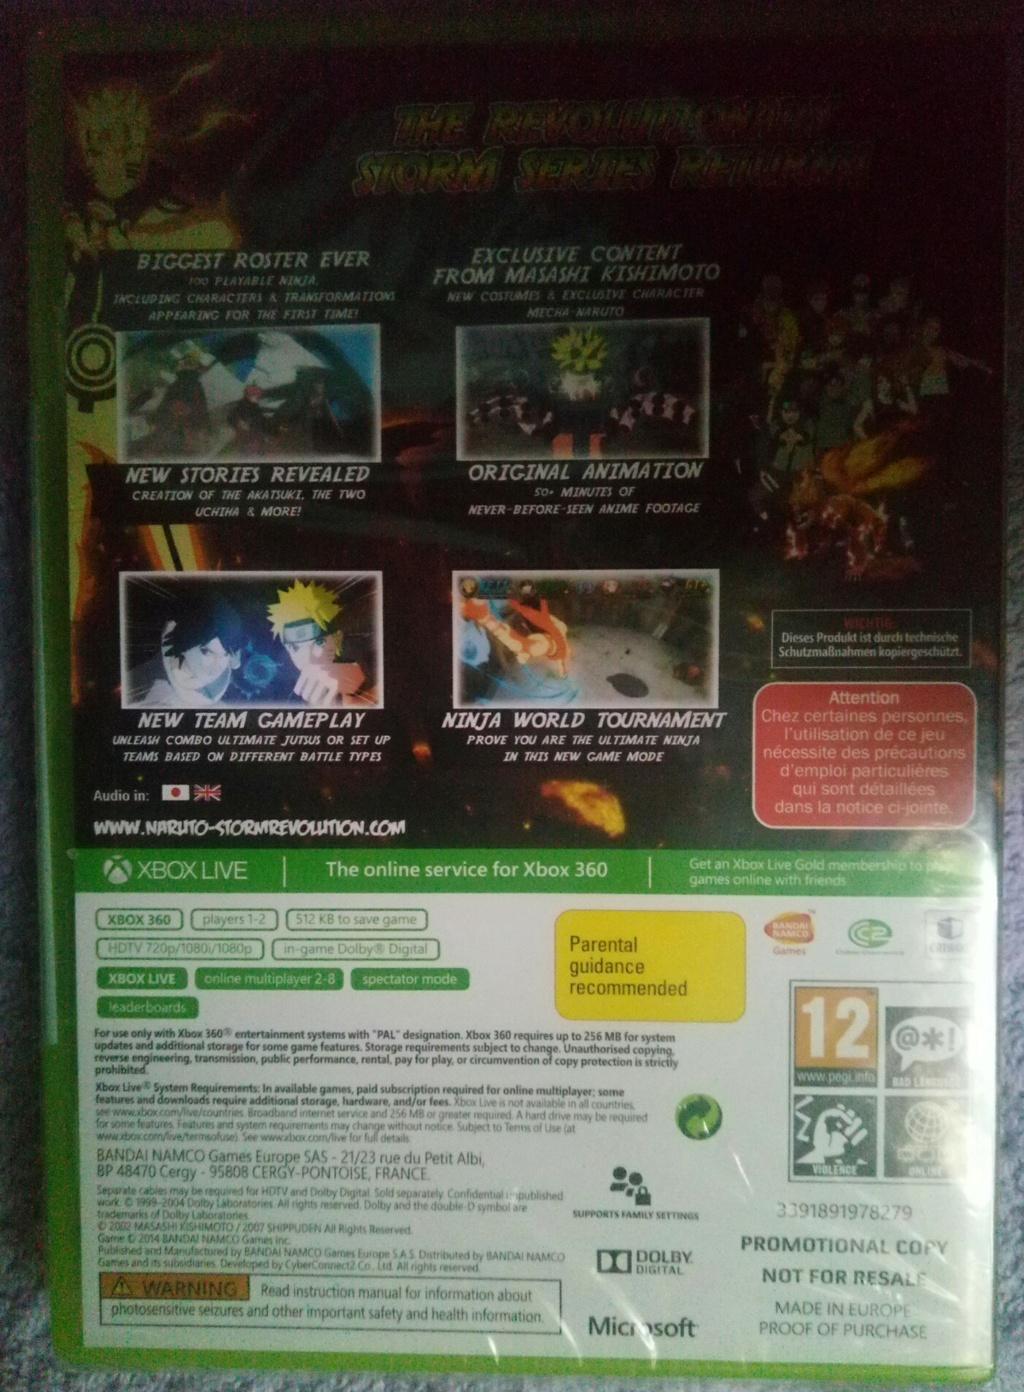 [Rech] Jeux version Promotionnelle - Page 3 Img_2463